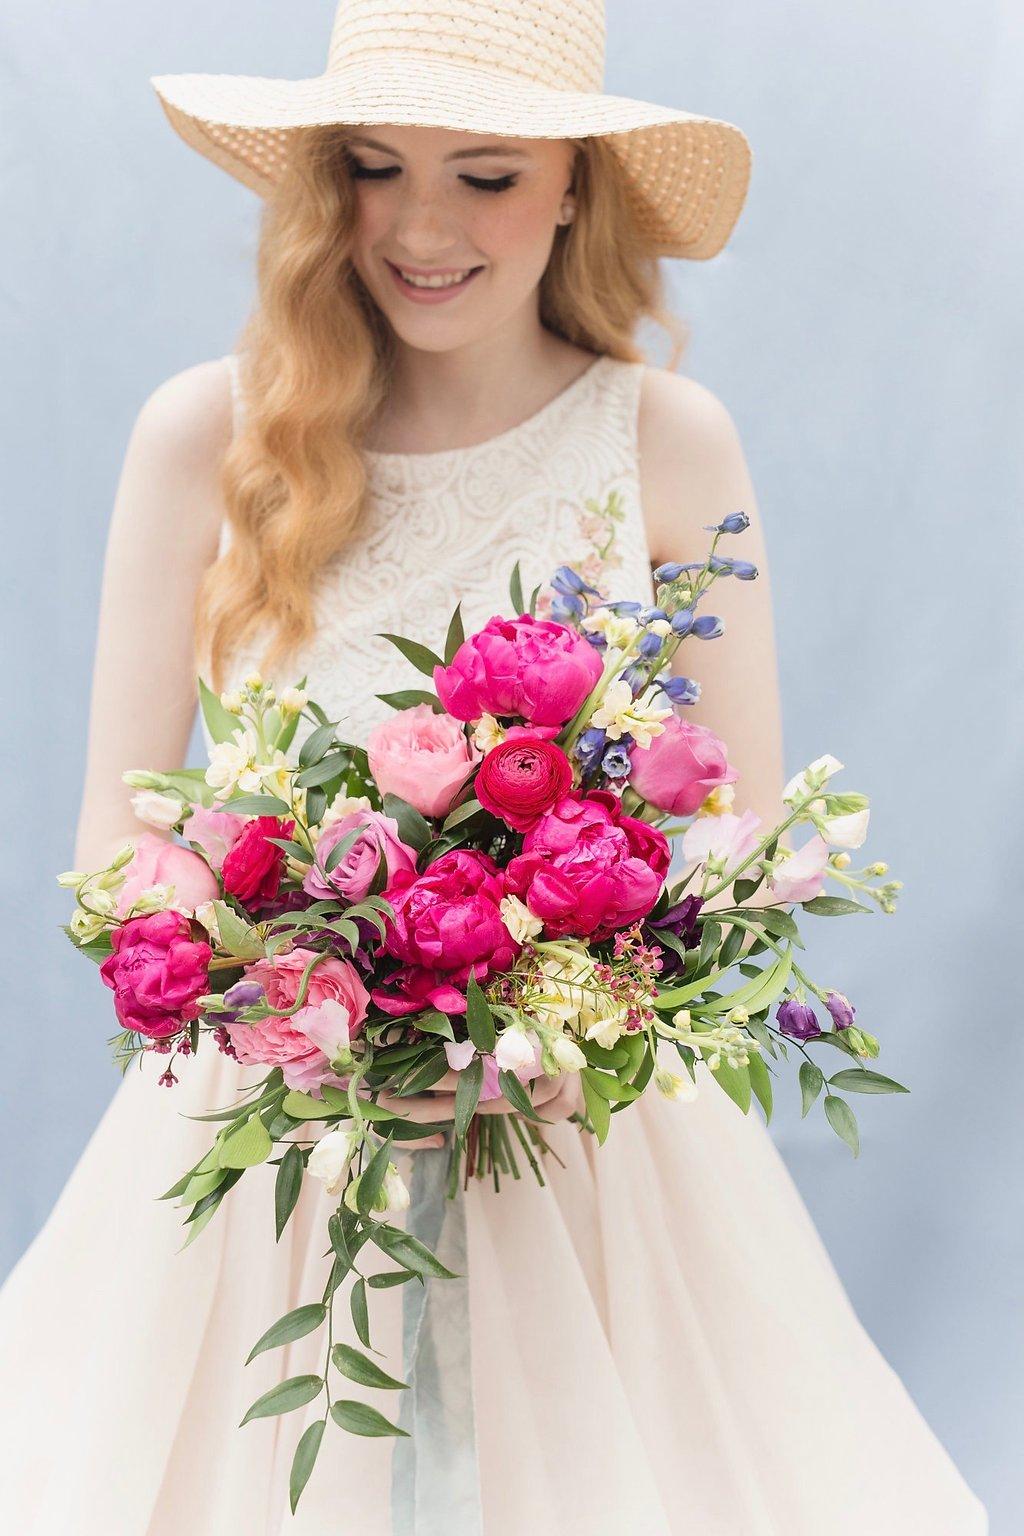 Brunch Wedding Bridal Style